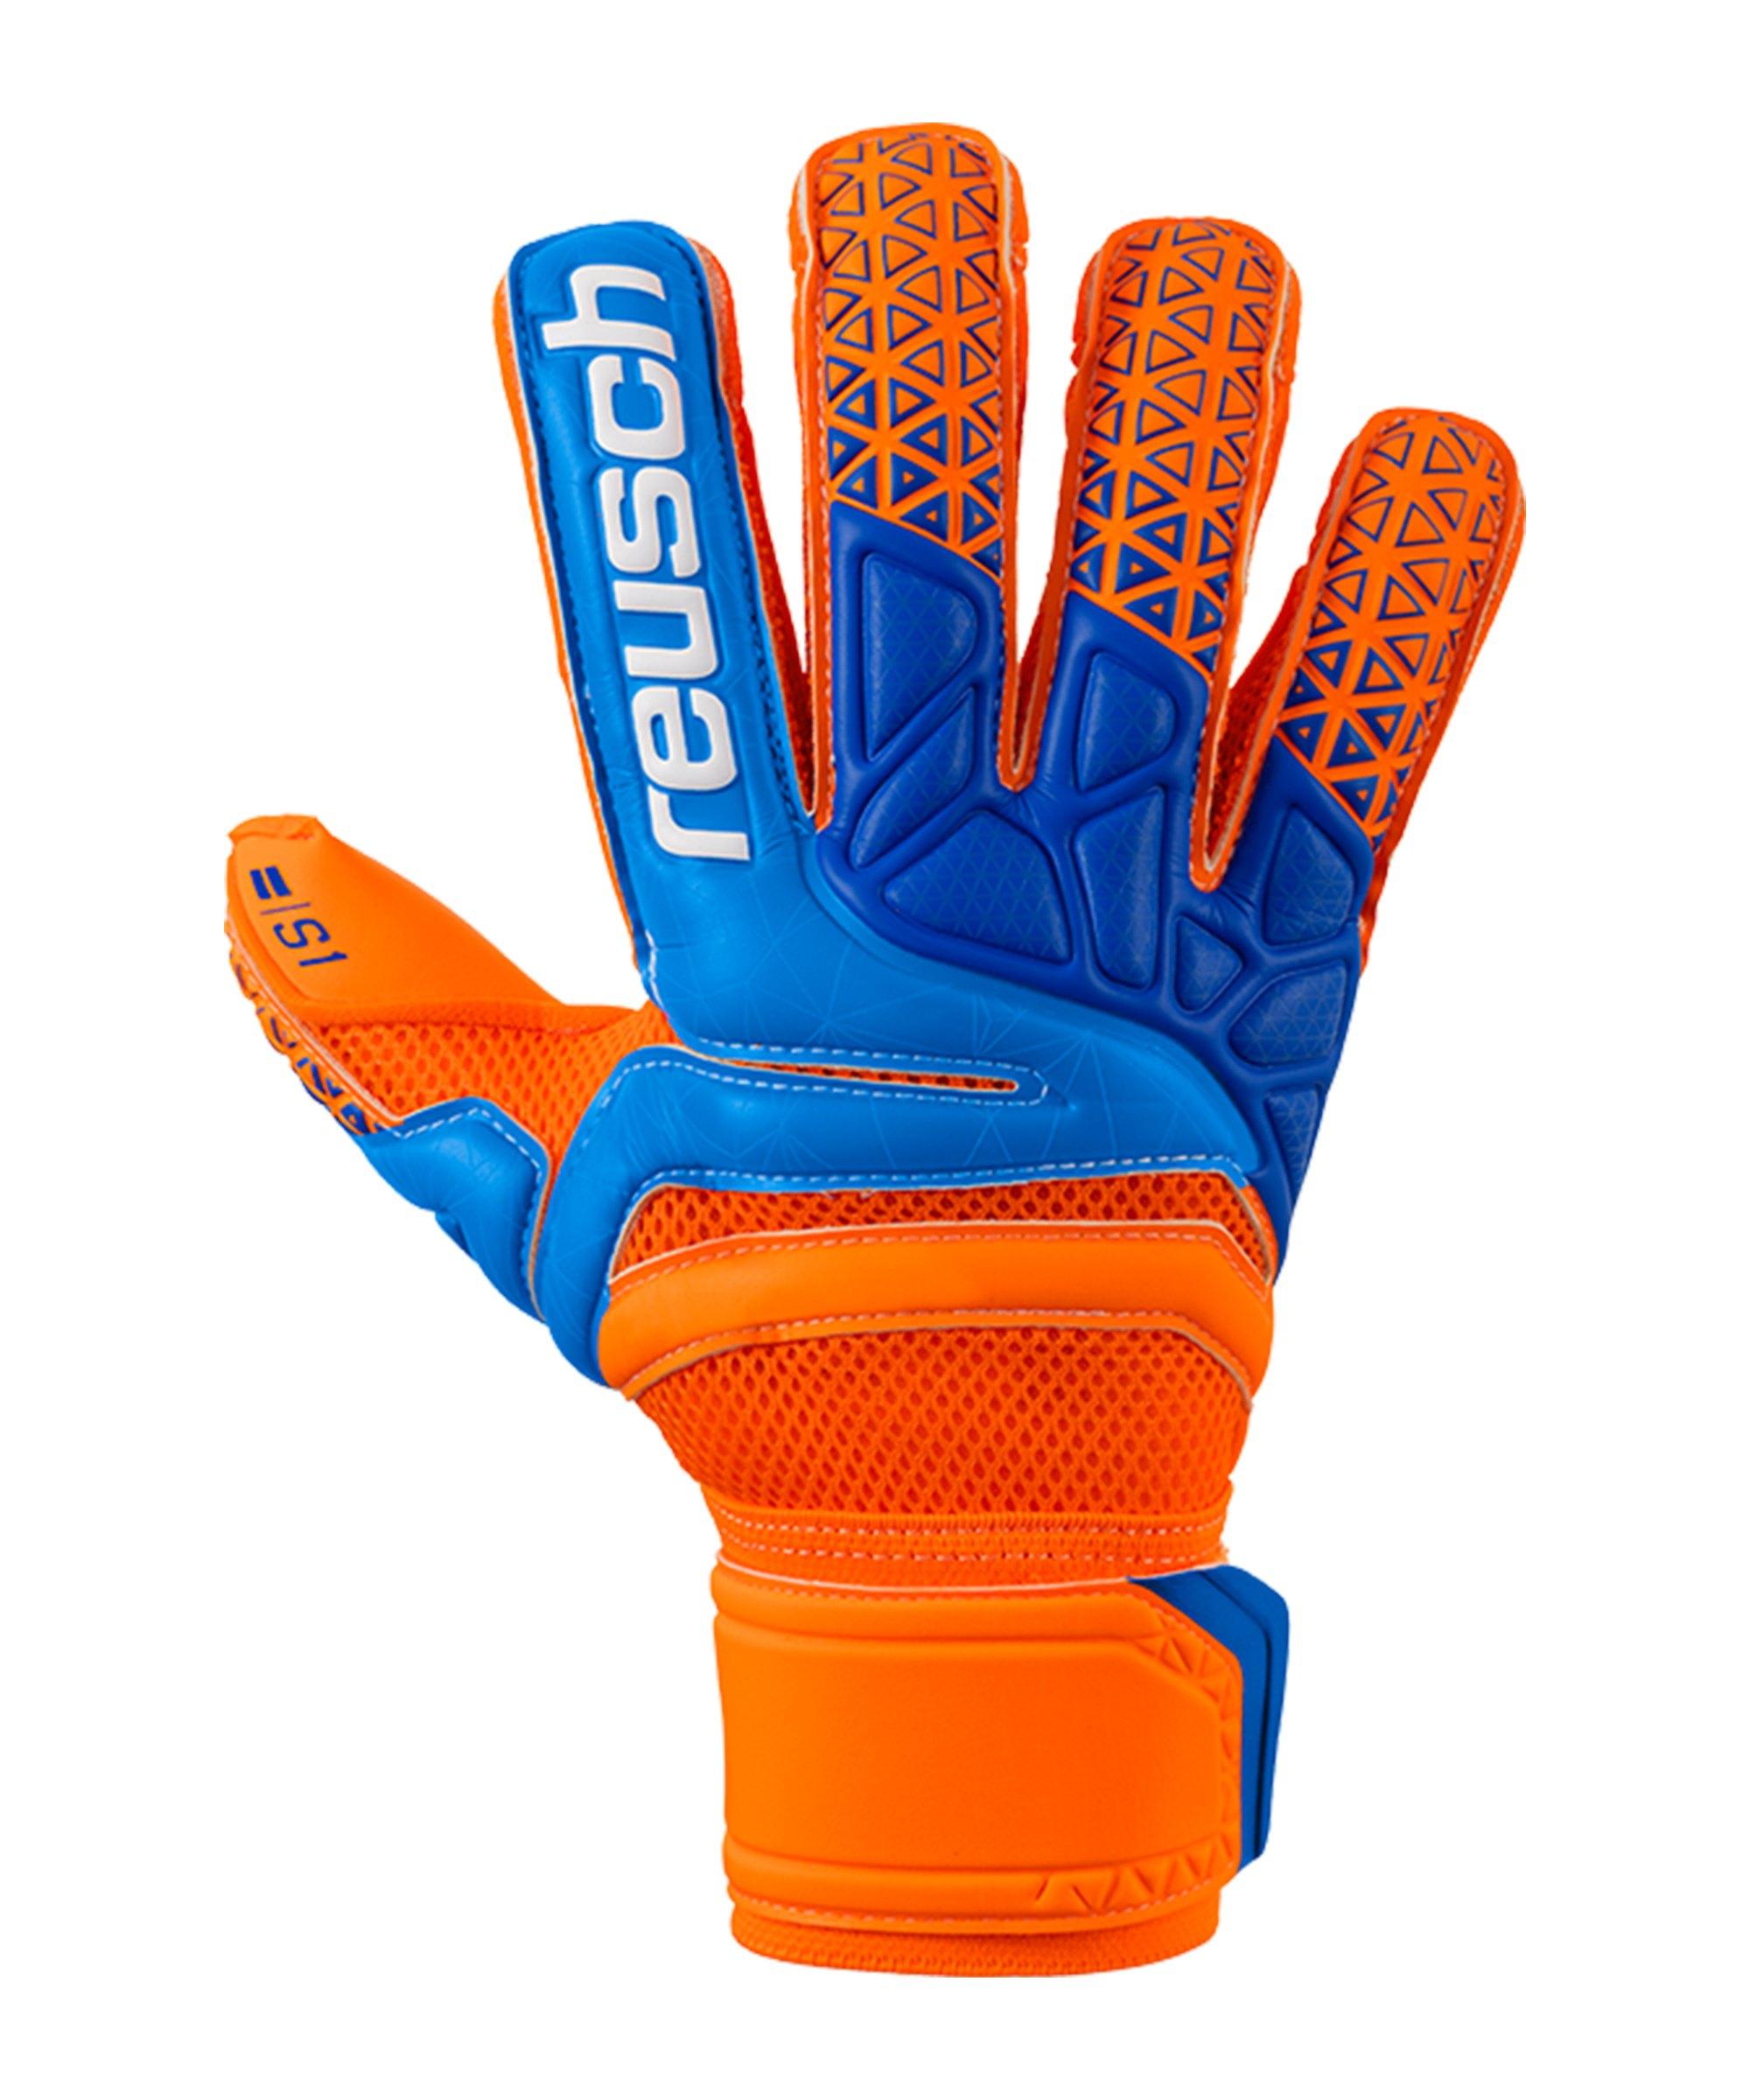 Reusch Prisma Prime S1 FS TW-Handschuh Orange F296 - orange